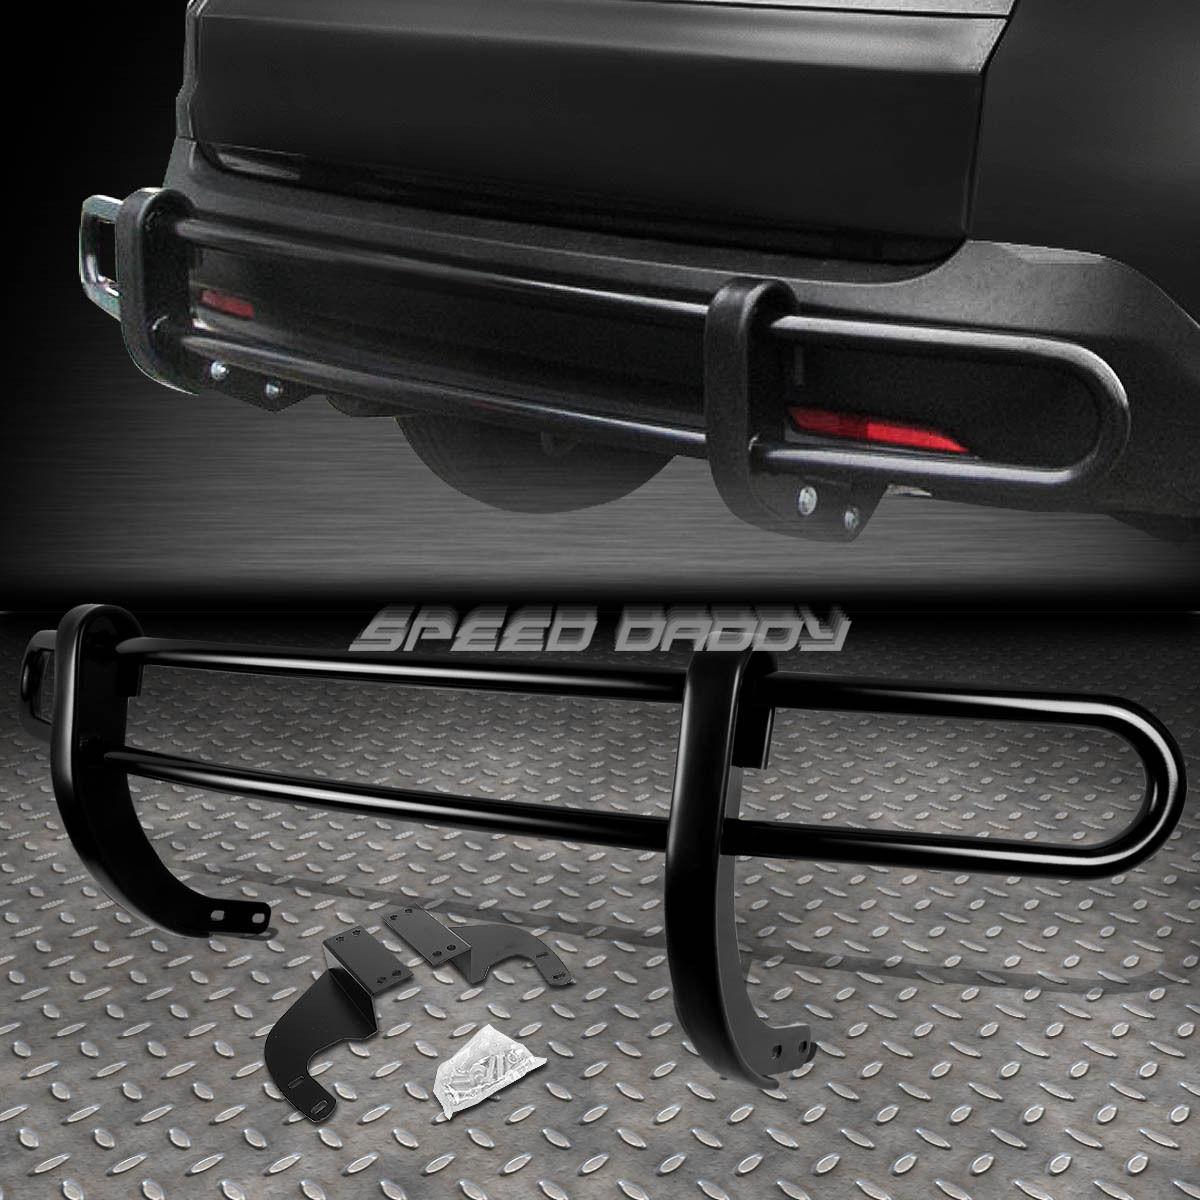 グリル 黒塗りダブルバーリアバッファープロテクターガード07-13 ACURA MDX YD2 SUV BLACK COATED DOUBLE BAR REAR BUMPER PROTECTOR GUARD FOR 07-13 ACURA MDX YD2 SUV